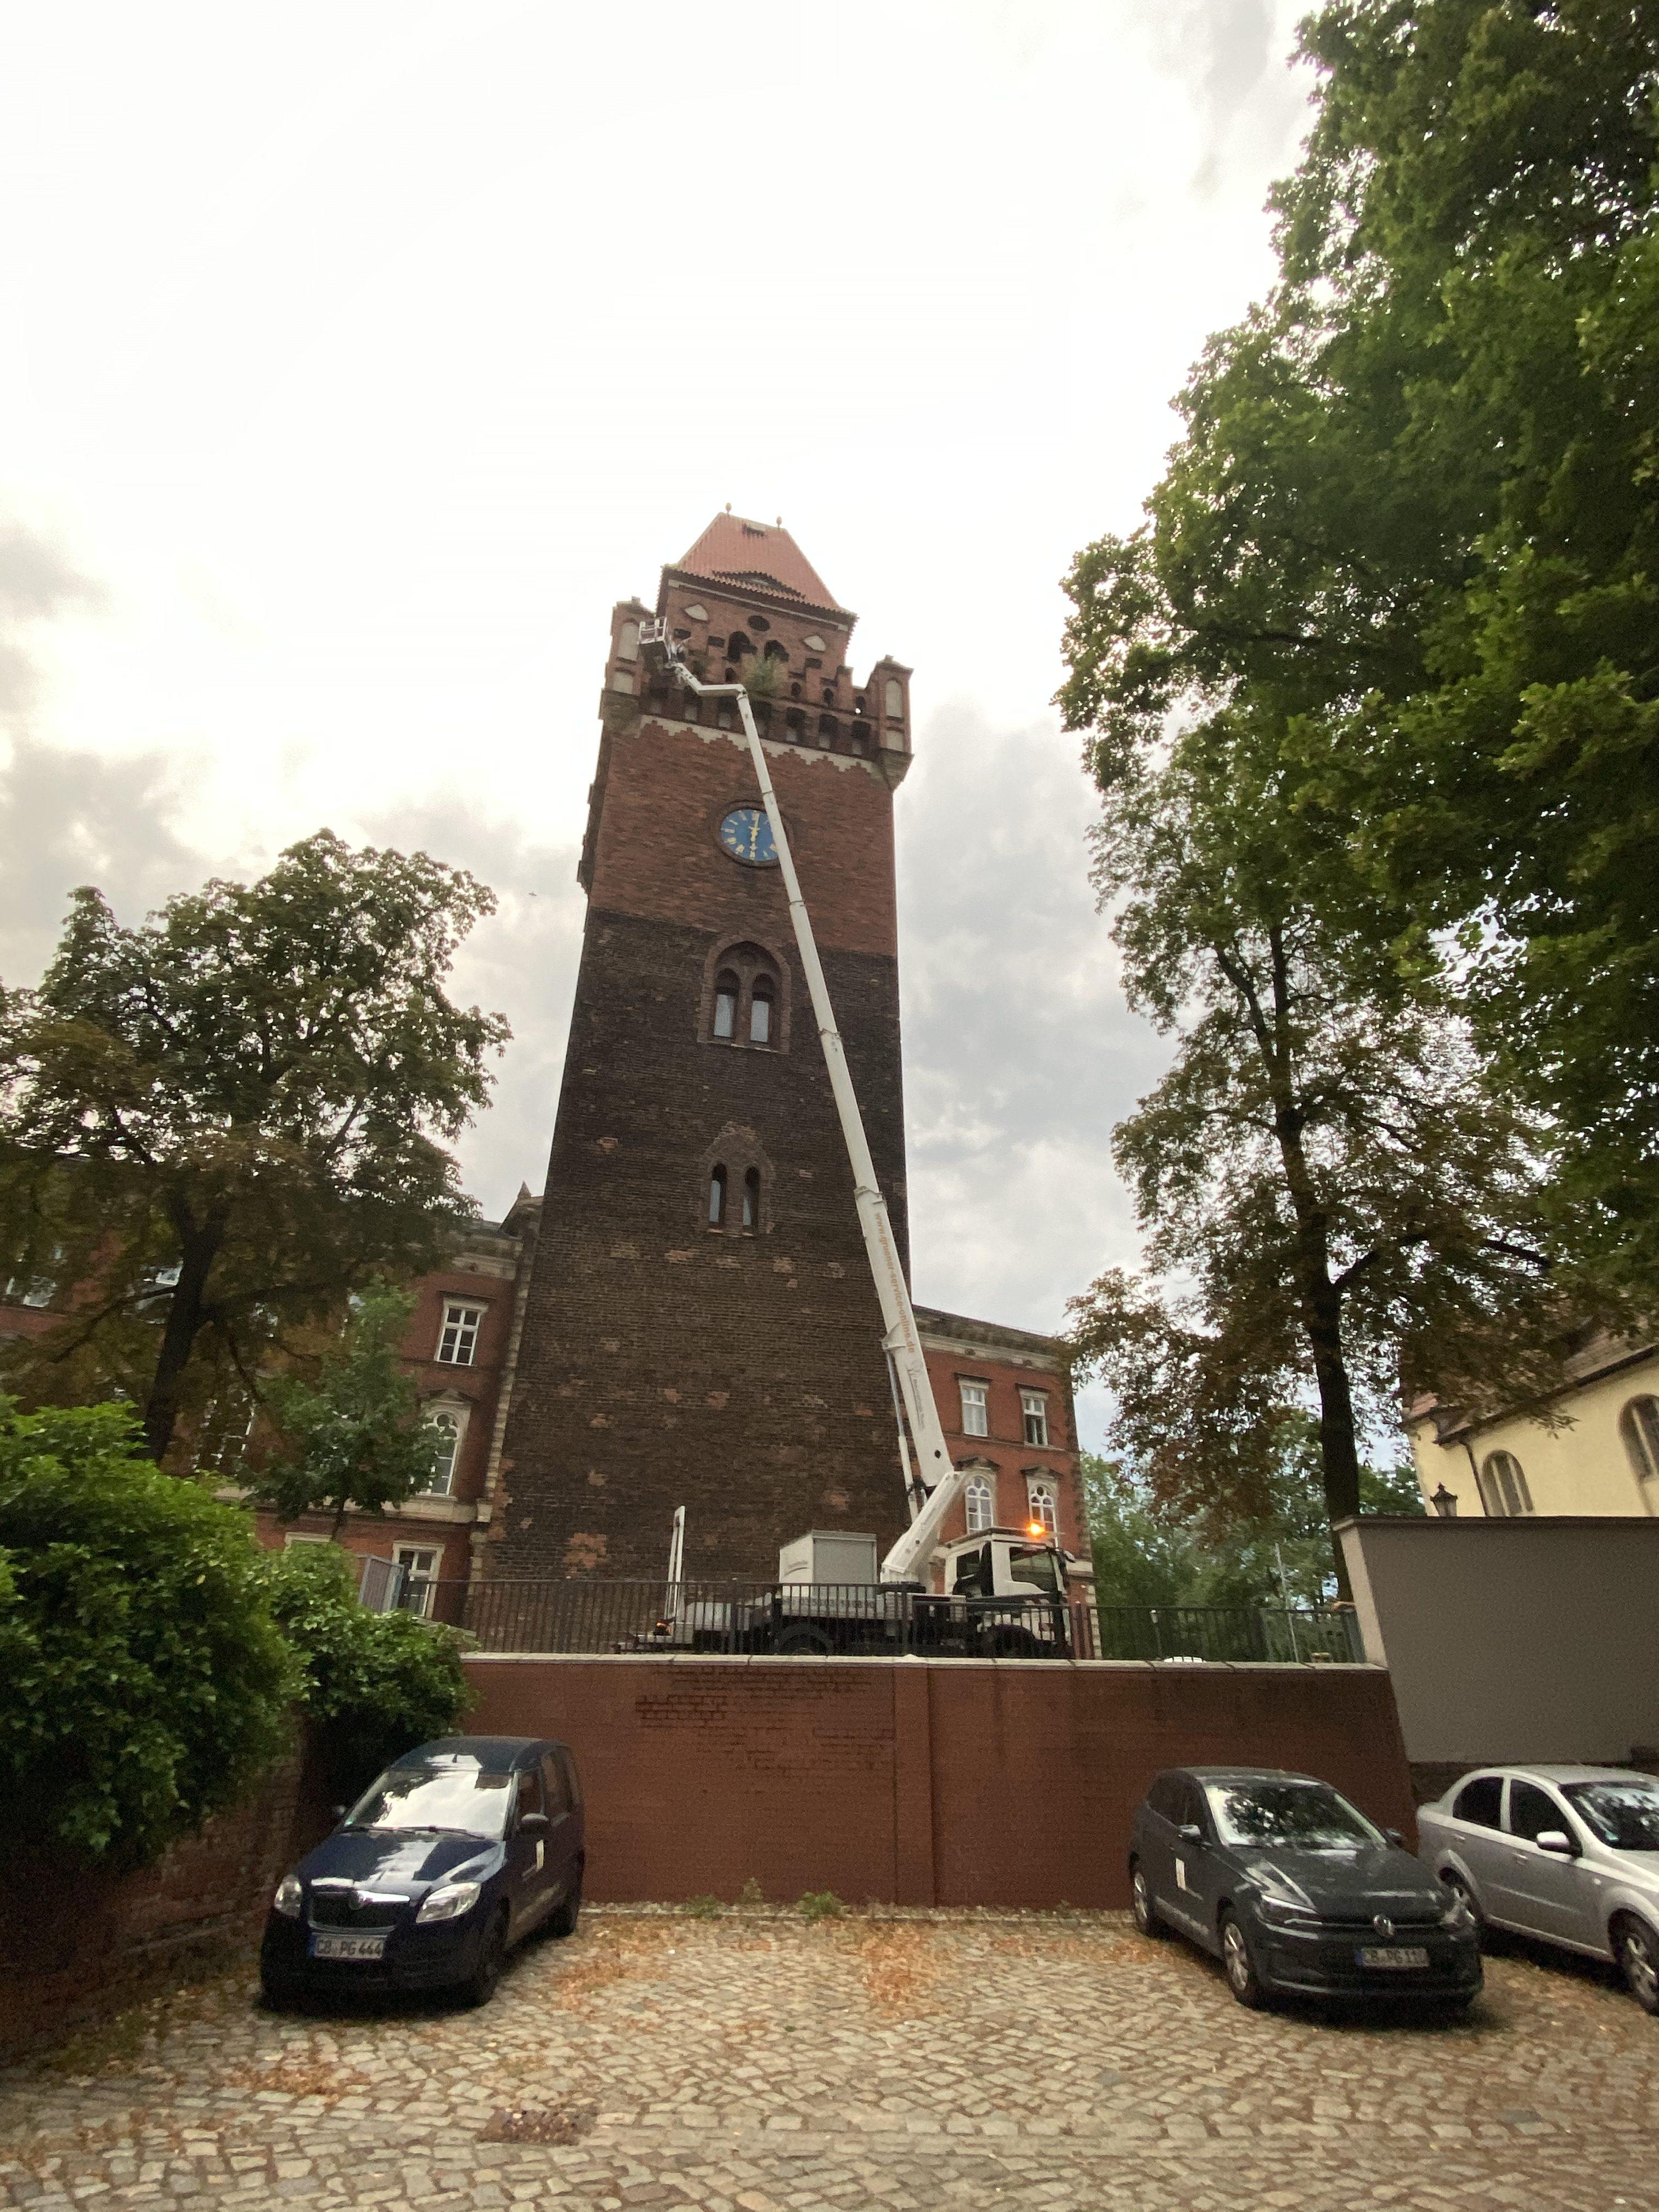 Entfernung von Wildwuchs am Turm in Cottbus